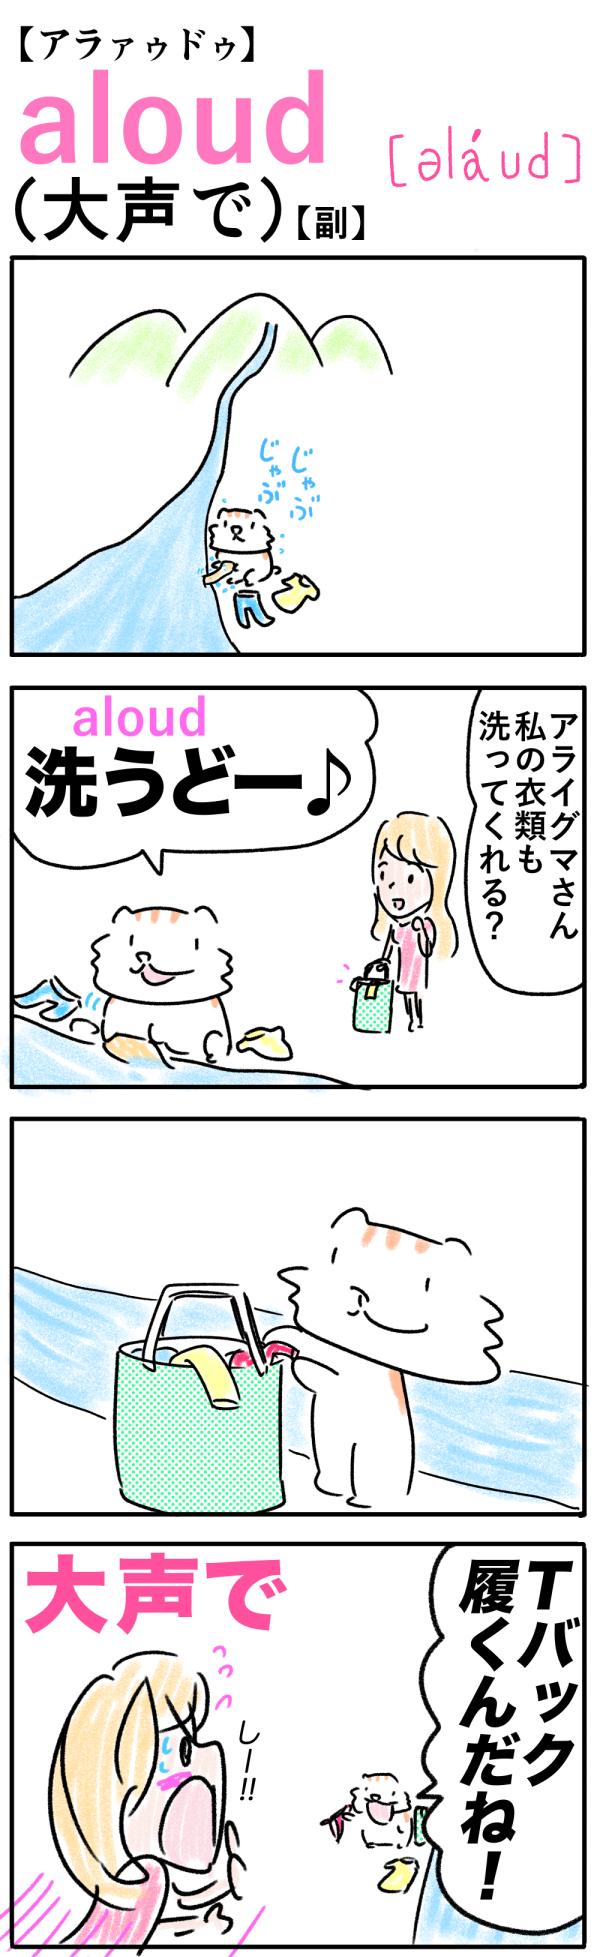 aloud(大声で)の語呂合わせ英単語